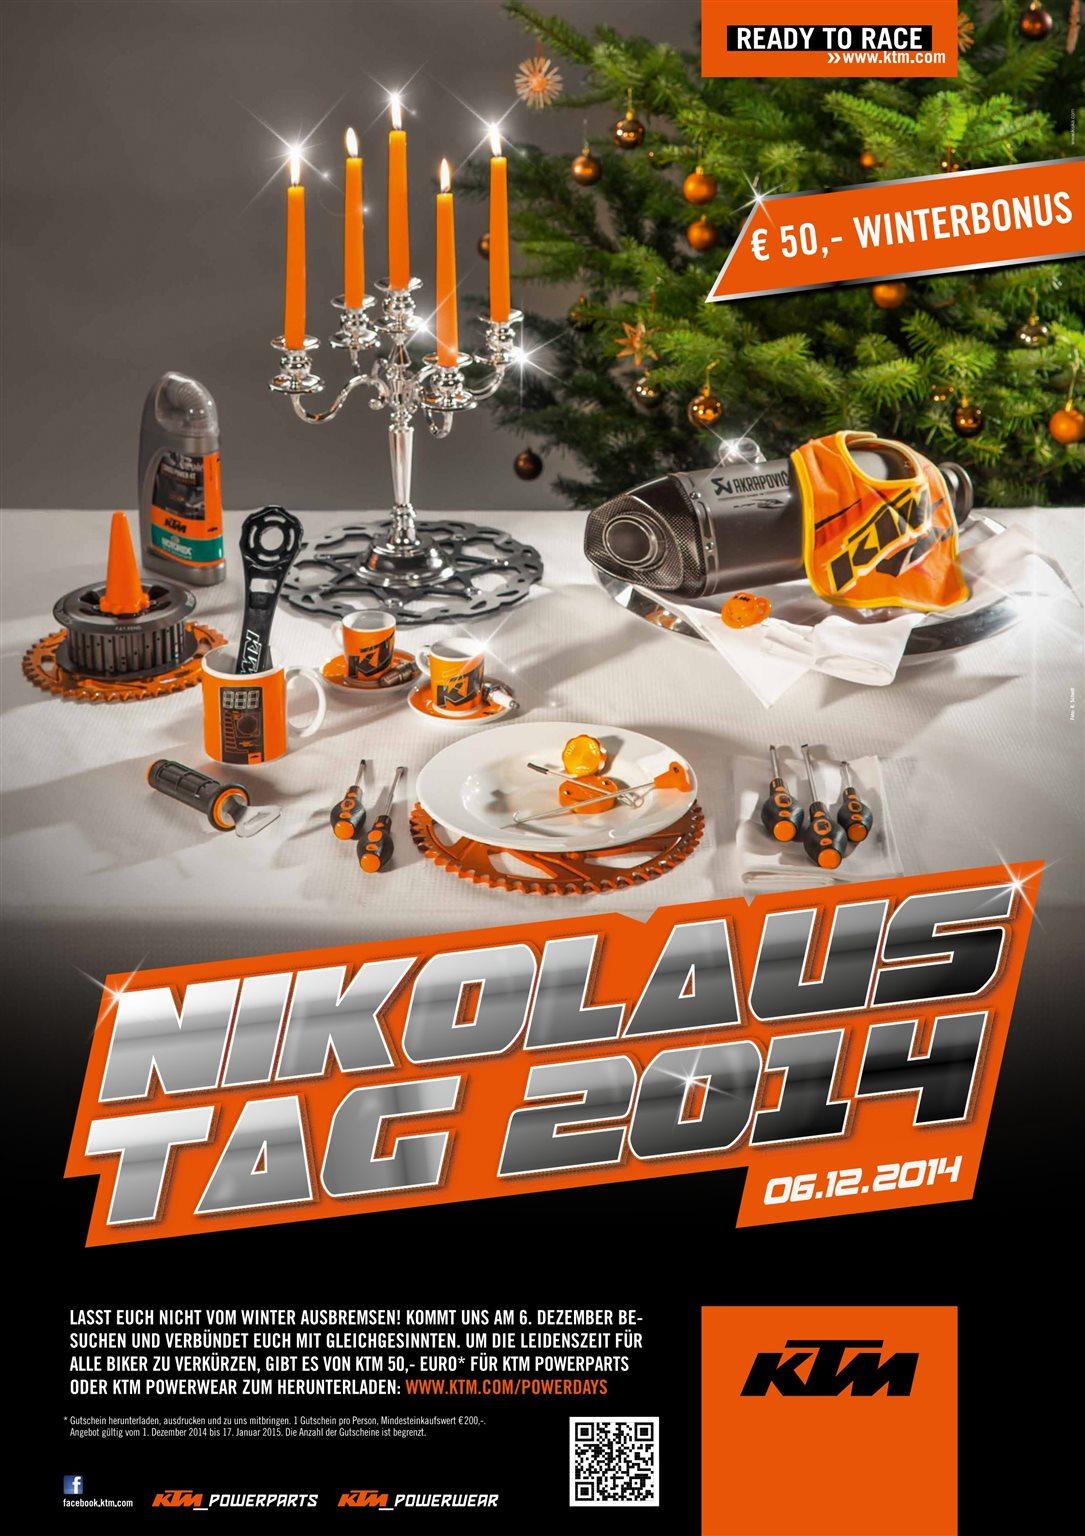 Weihnachtsdeko Verkaufen.Ktm Nikolaustag Mit Verkauf Von Handgefertigtem Weihnachtsdeko